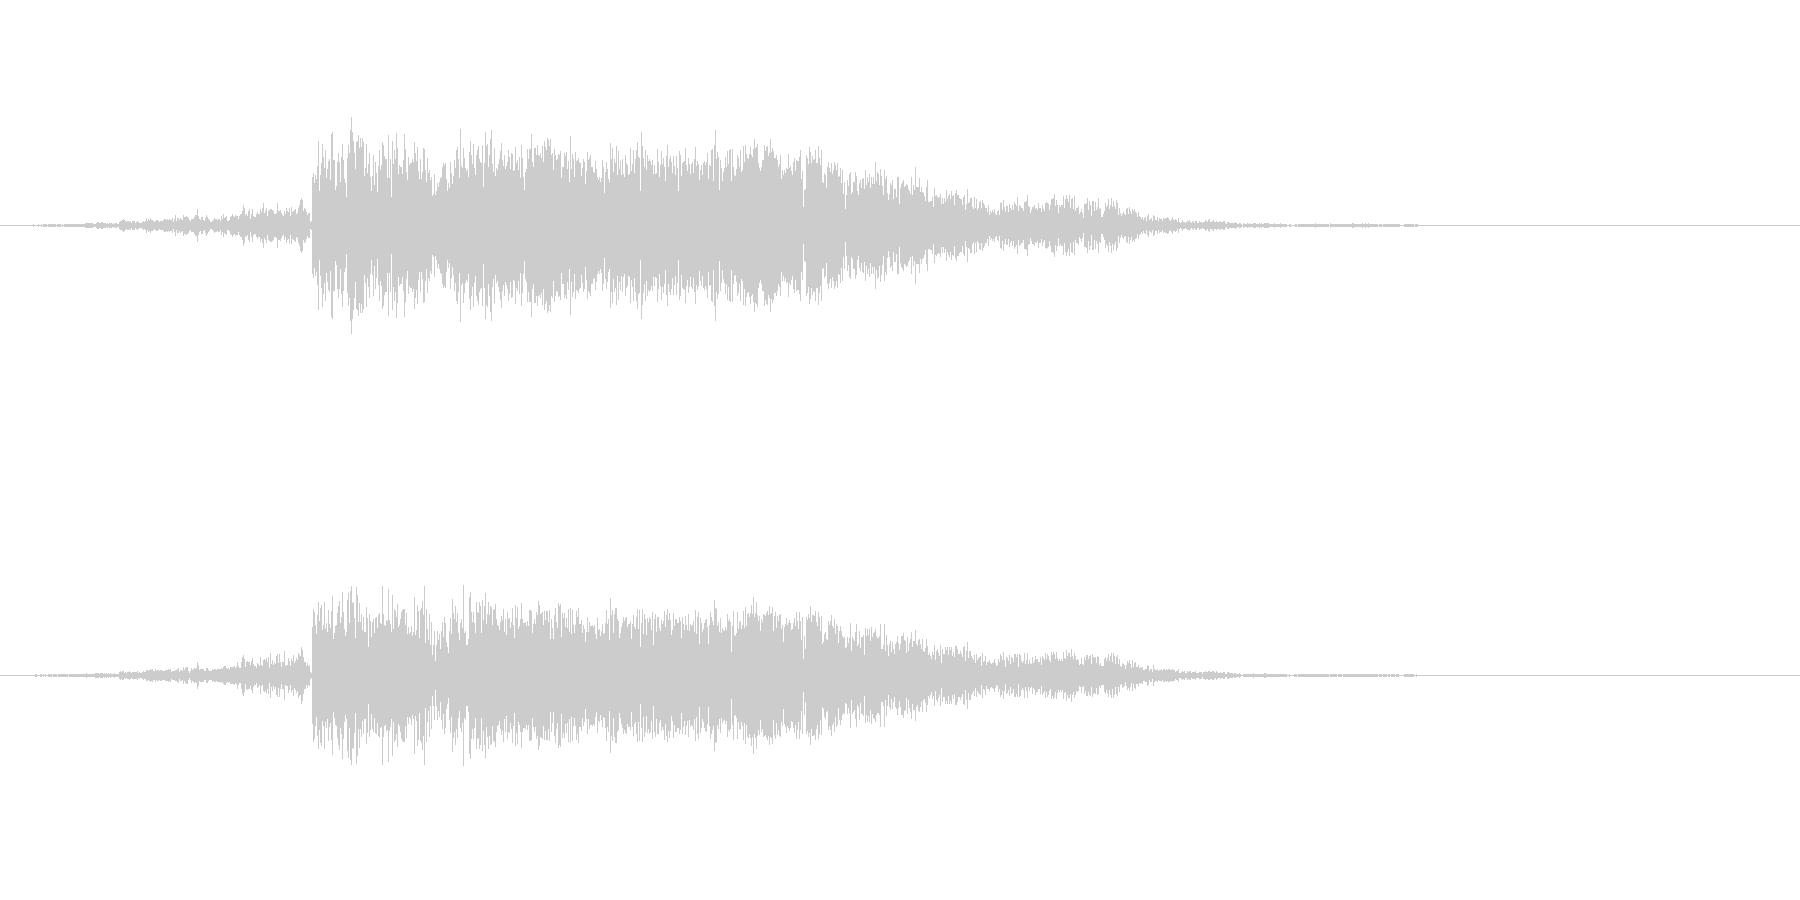 シャキン 金属 剣 攻撃の未再生の波形